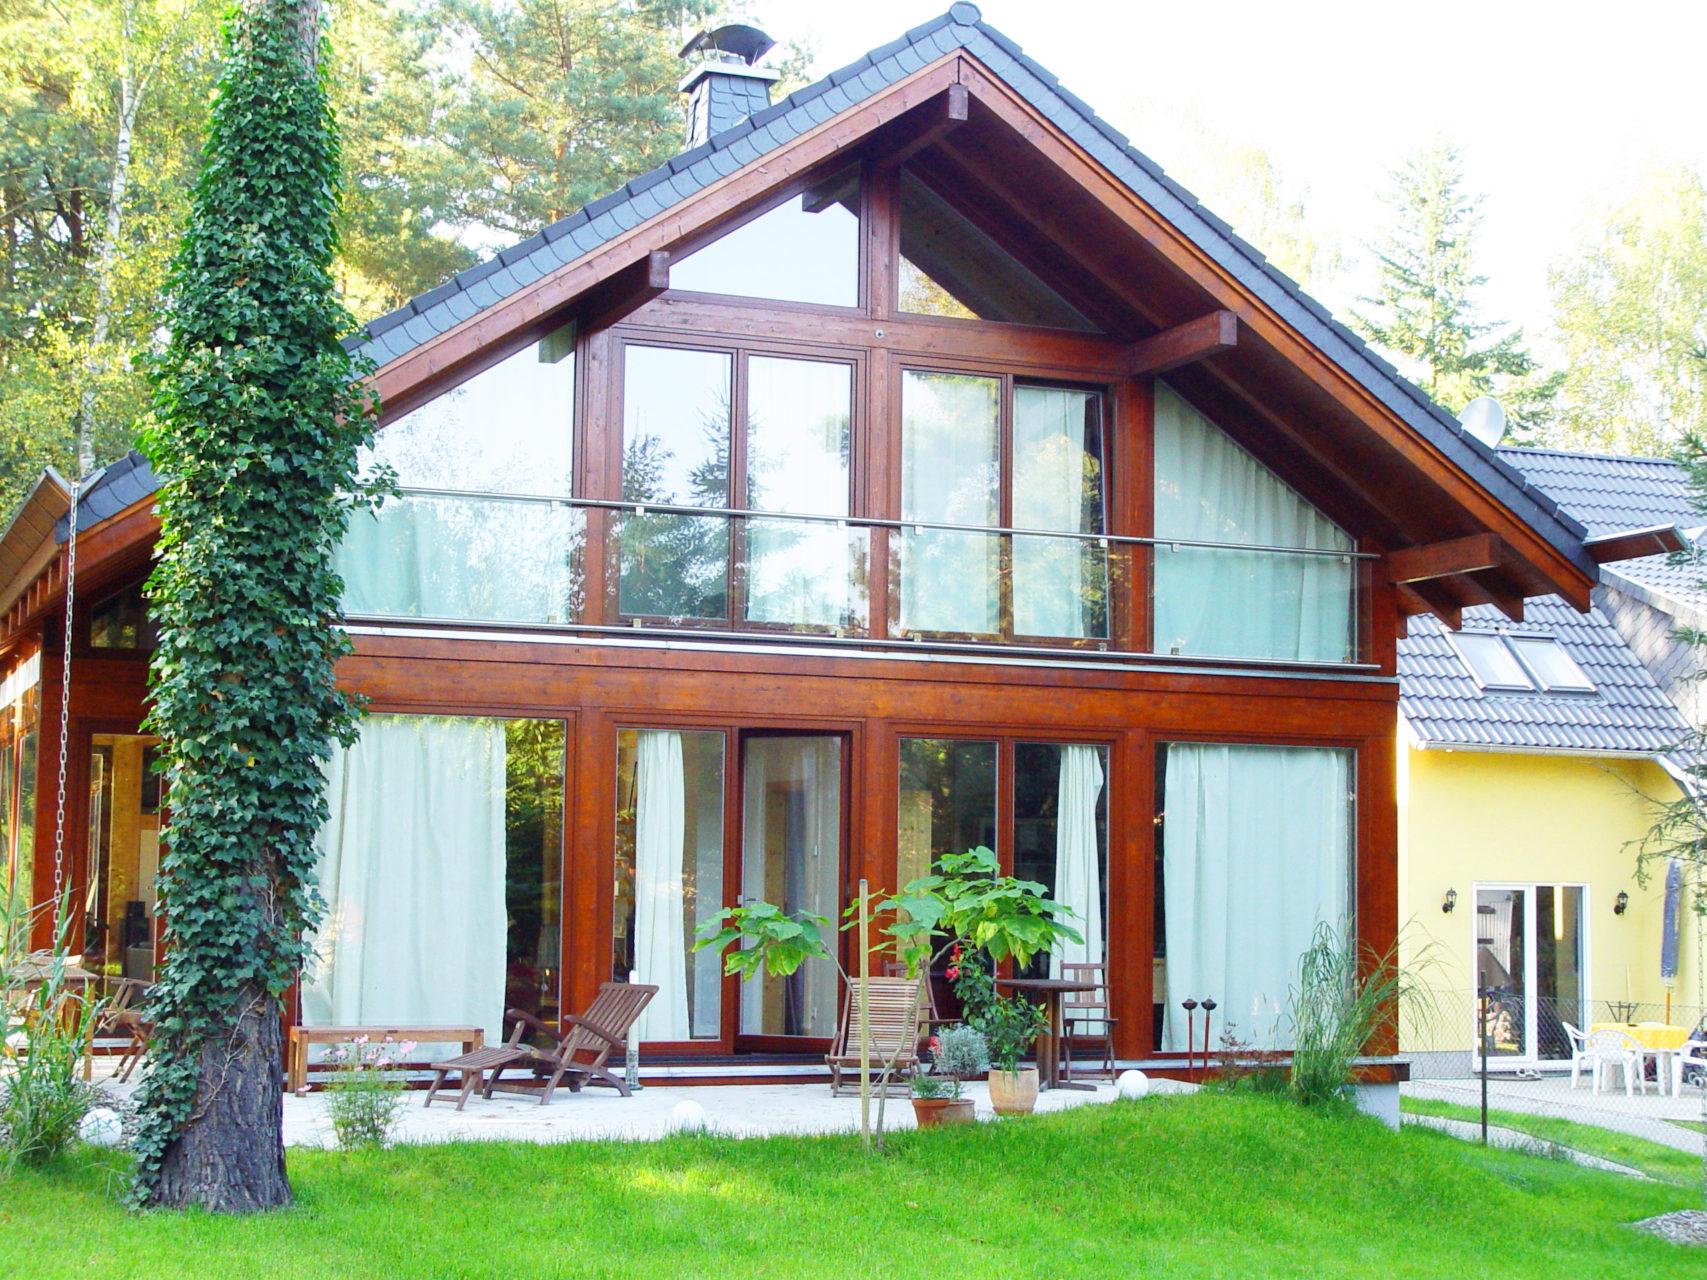 Concentus Holzskelett Haus Fachwerk Dunkel Braun